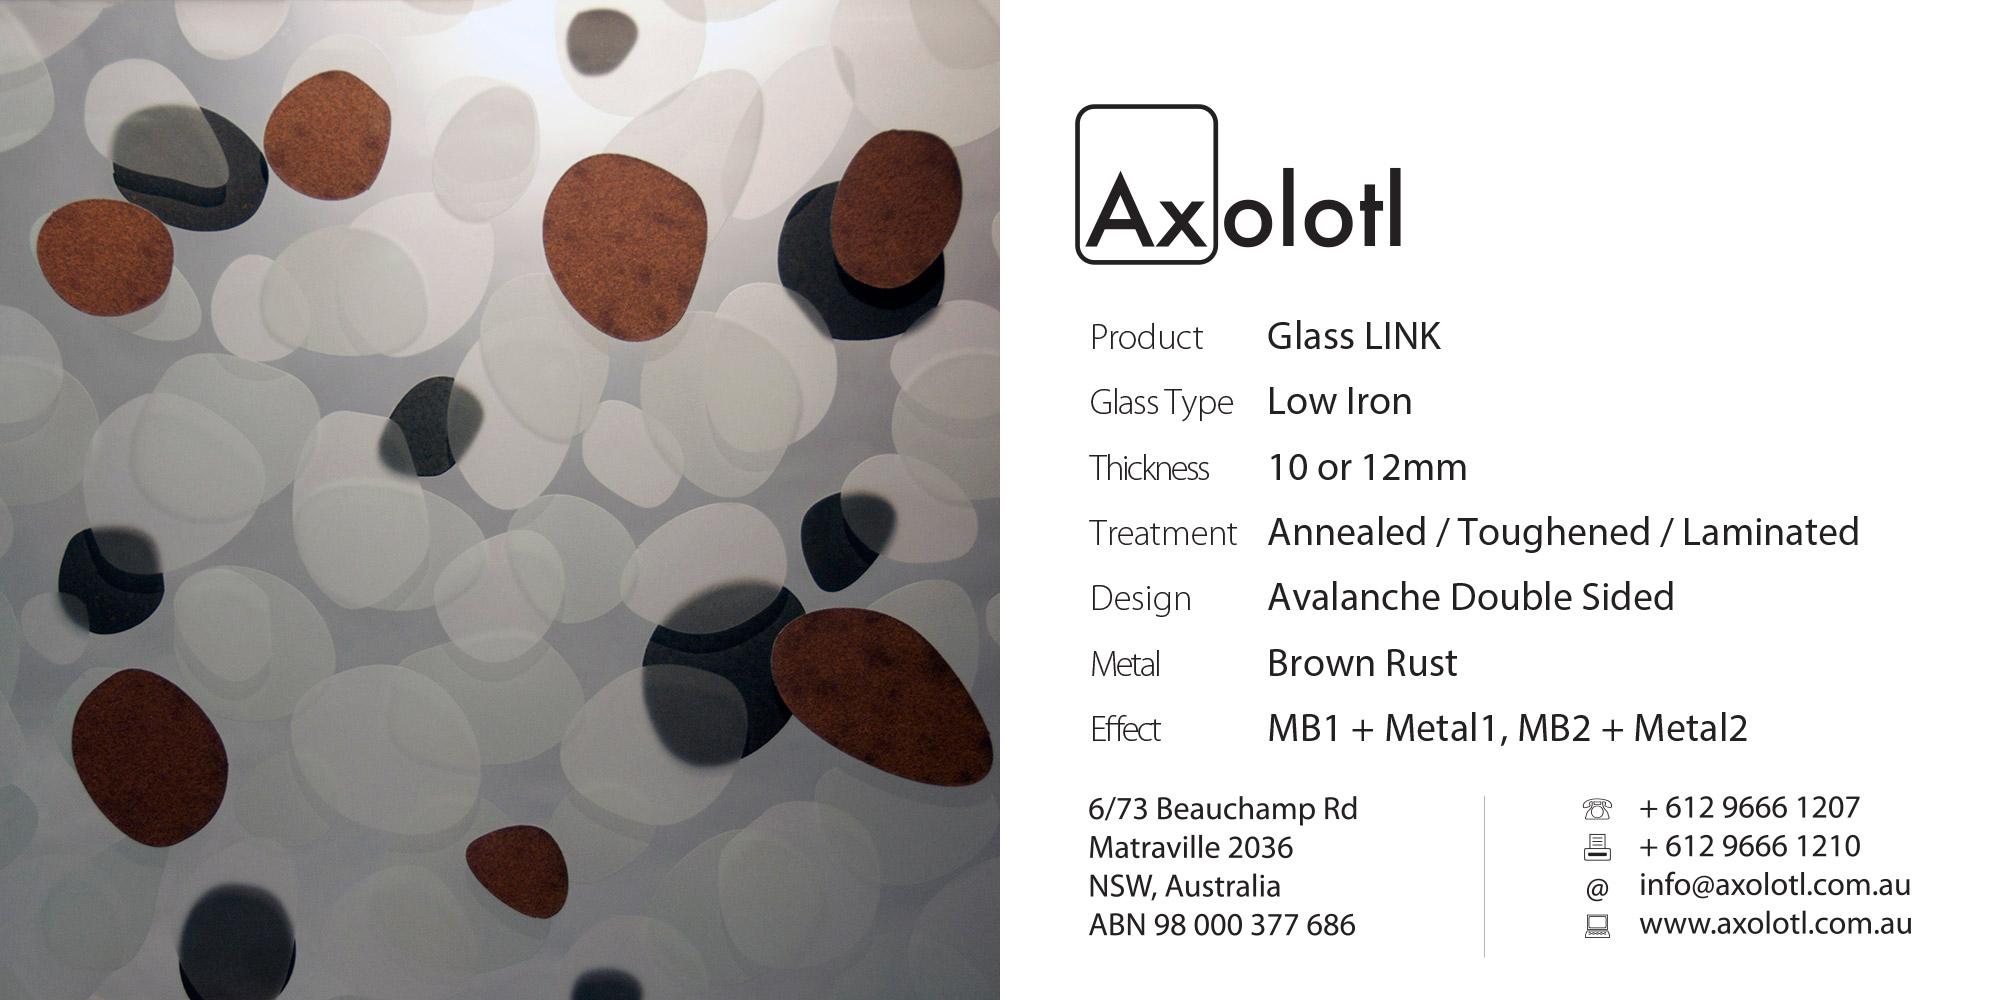 Axolotl_GlassLINK_BrownRust_Avalanche.jpg